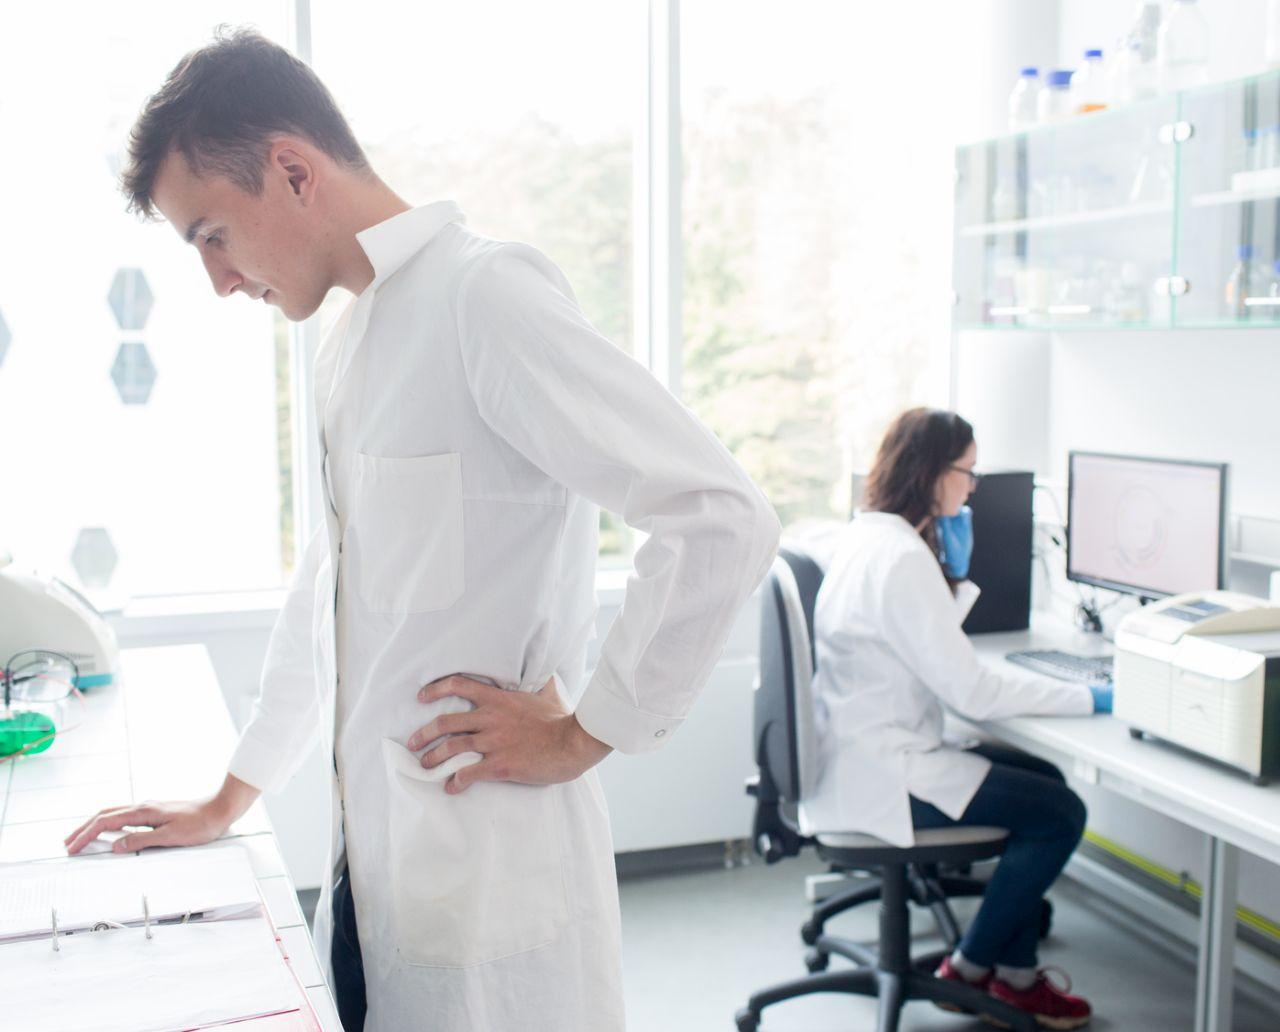 30 Jahre Forschung, Zell-Stoffwechsel und Licht-Therapie basierend auf Nobelpreis gekrönten Erkenntnissen!